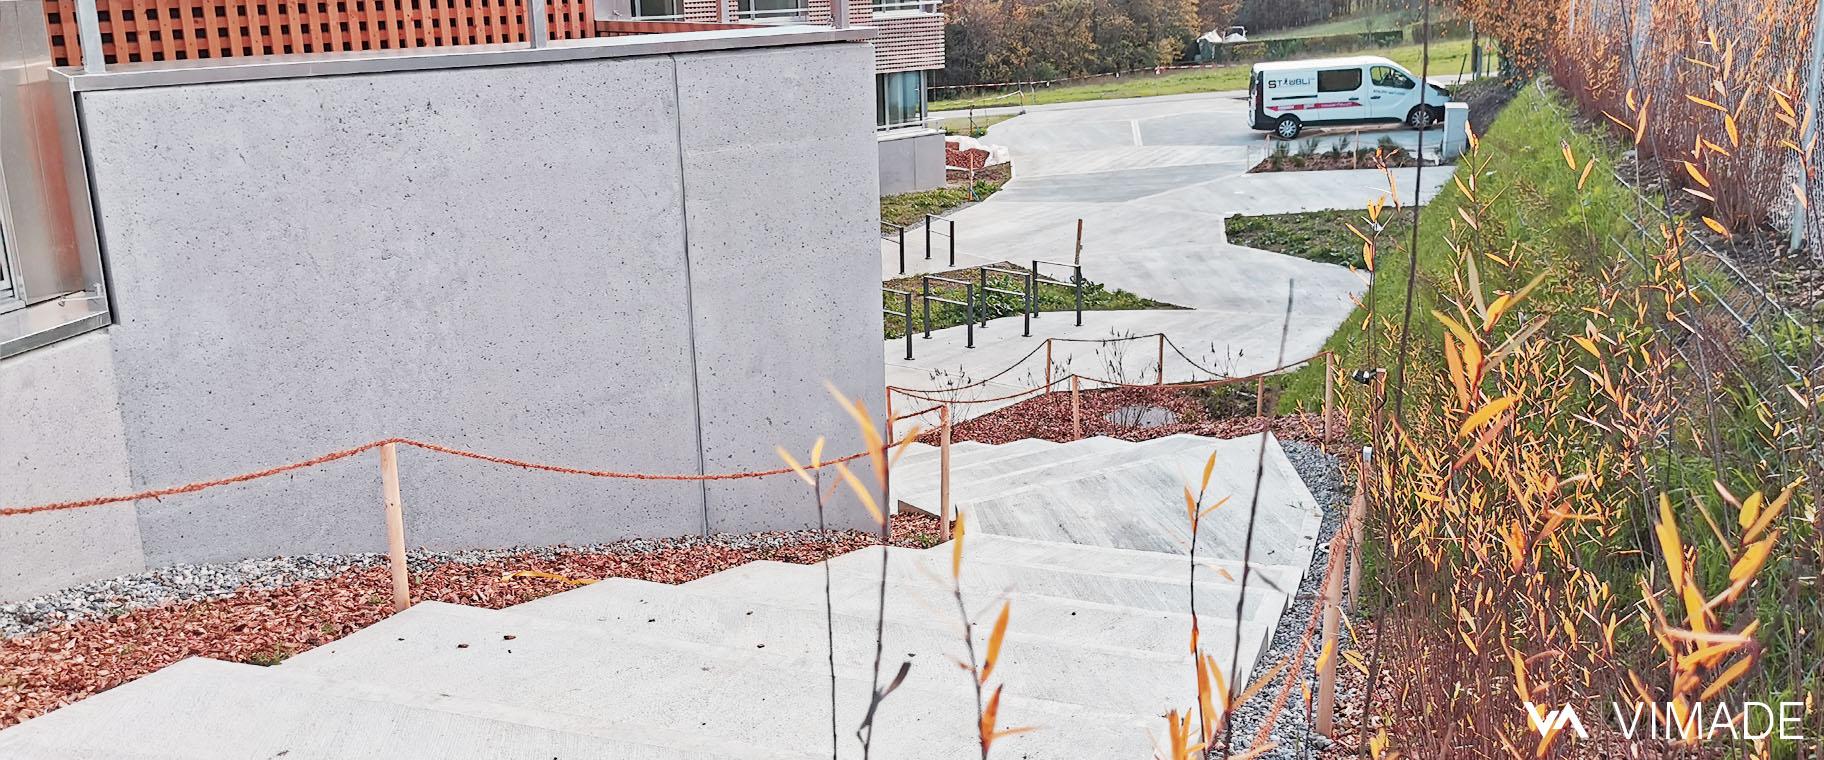 Projet d'aménagement paysager pour les logement de l'OFCL à Vernier par le bureau VIMADE Architectes paysagistes